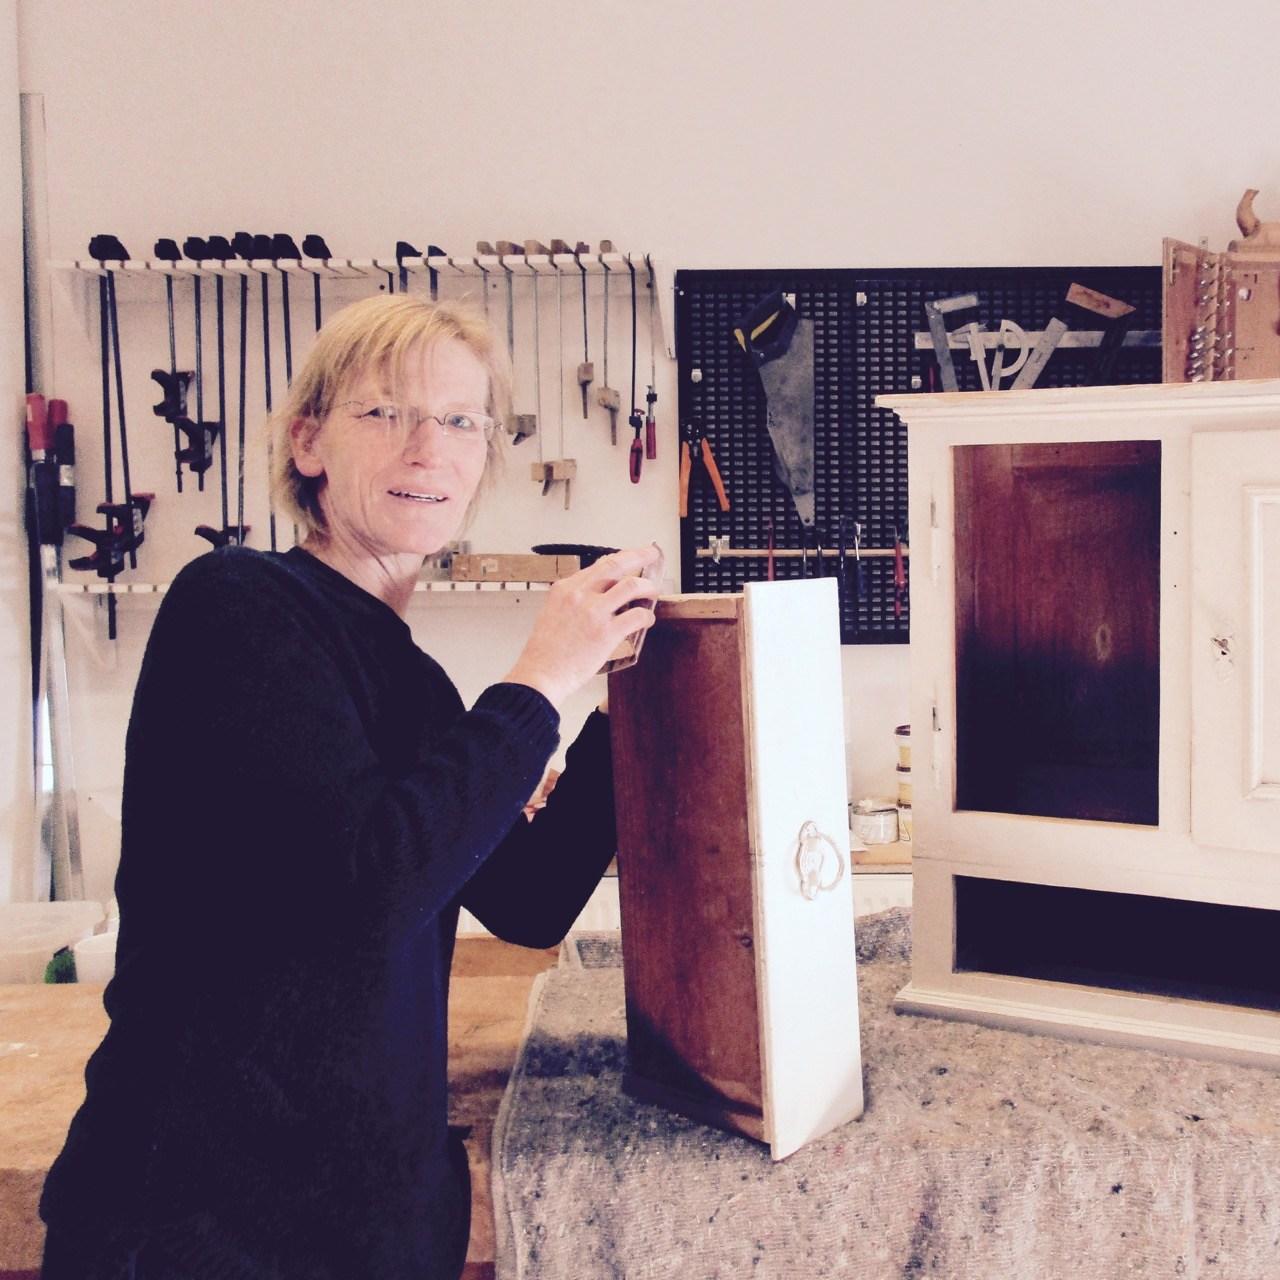 Sonja, Mitarbeiterin in der Holzwerkstatt, bei der Arbeit.